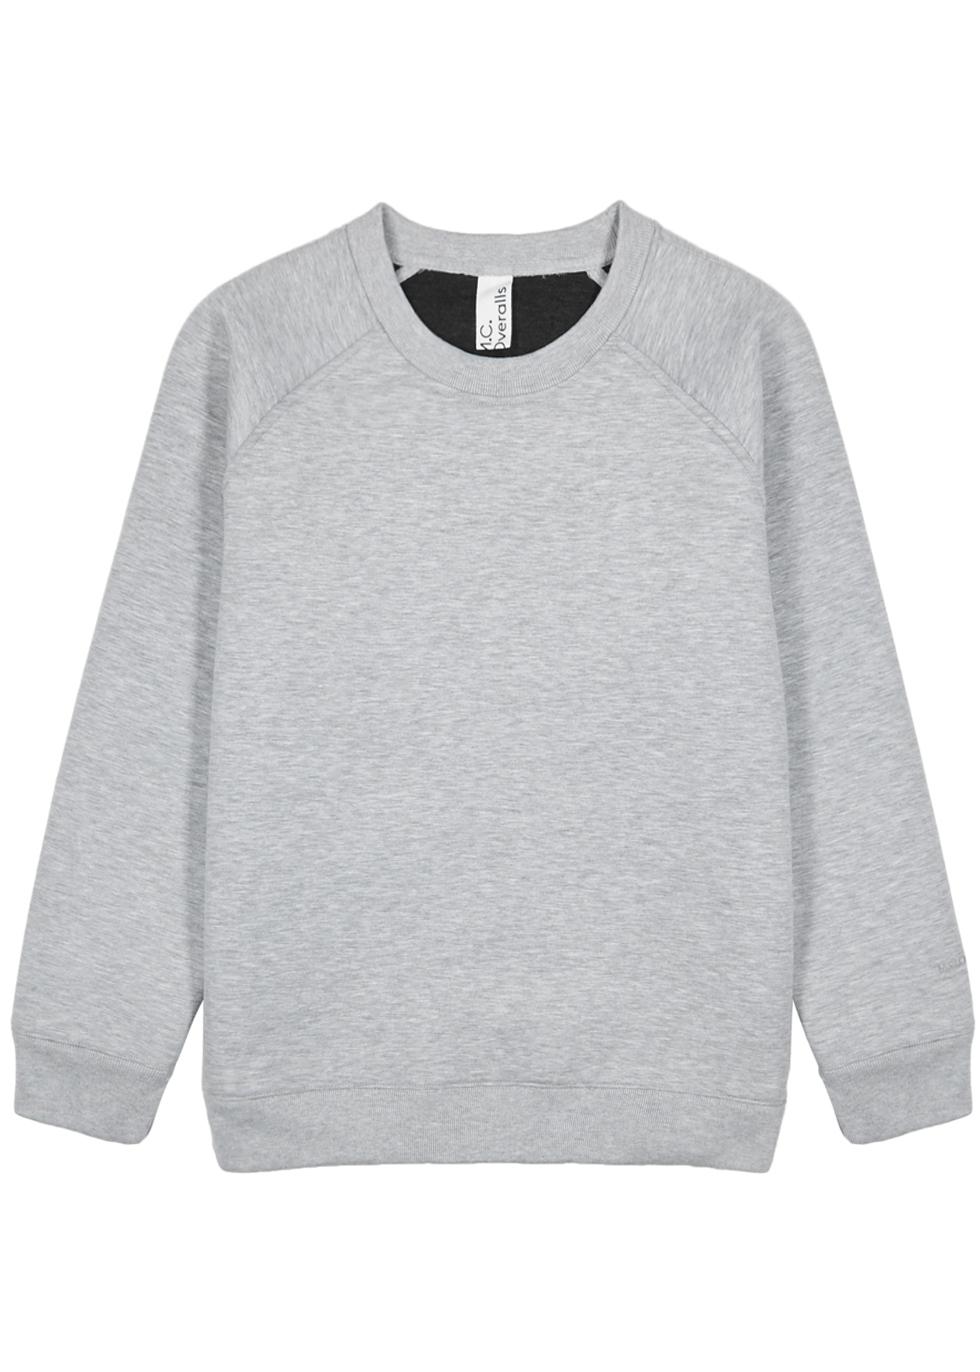 M.C. OVERALLS Light Grey Neoprene Sweatshirt